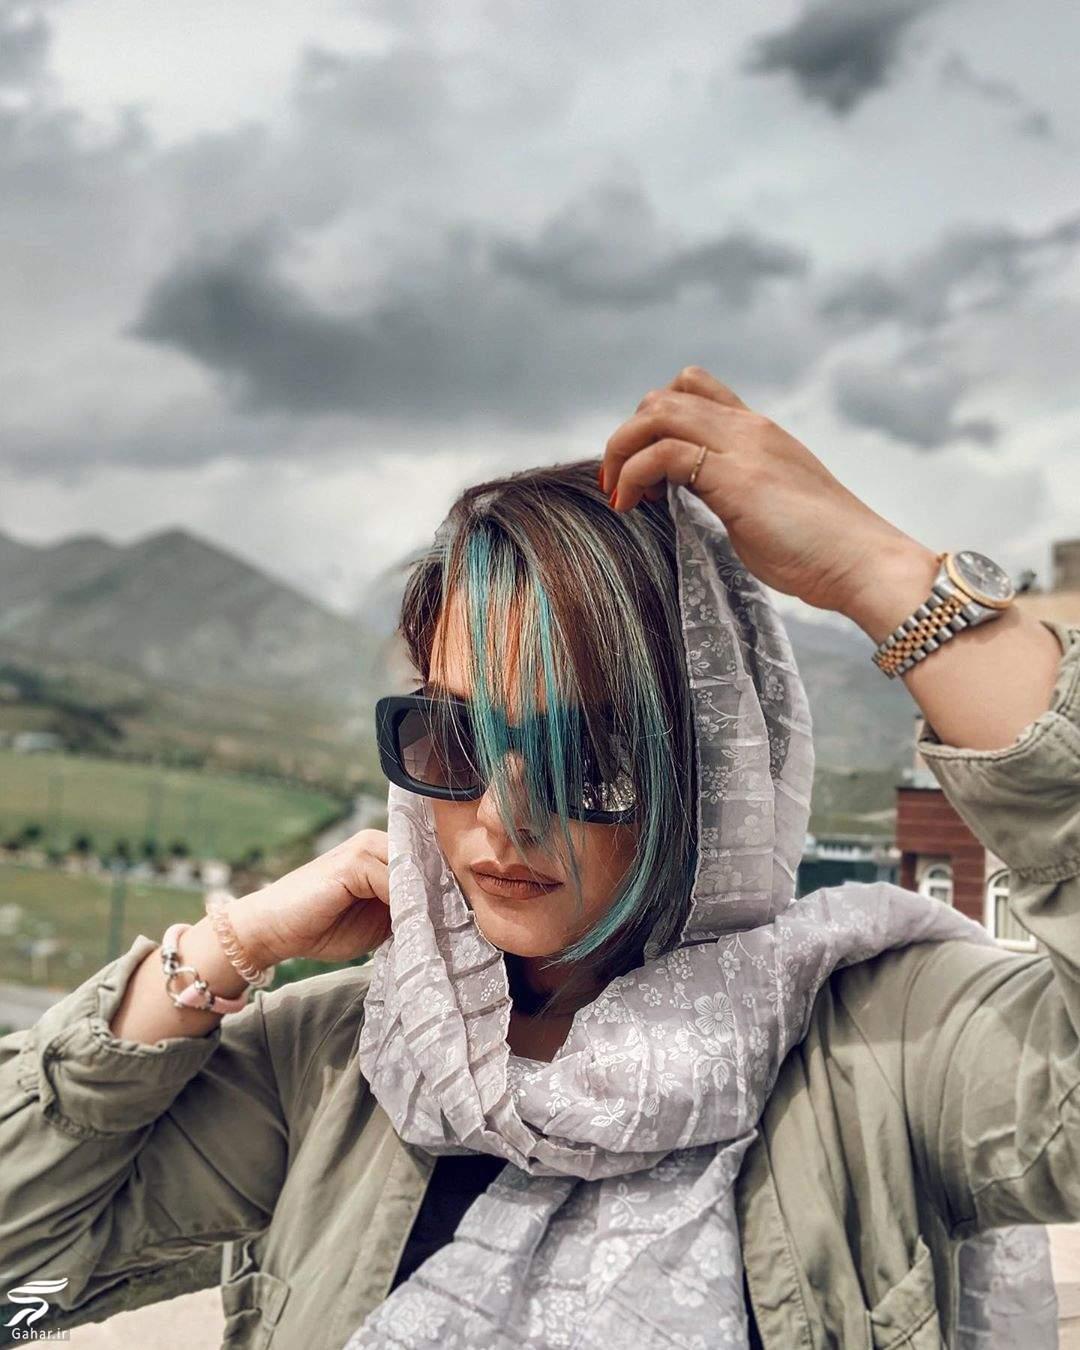 عکس جدید دنیا مدنی با موهای آبی !, جدید 1400 -گهر